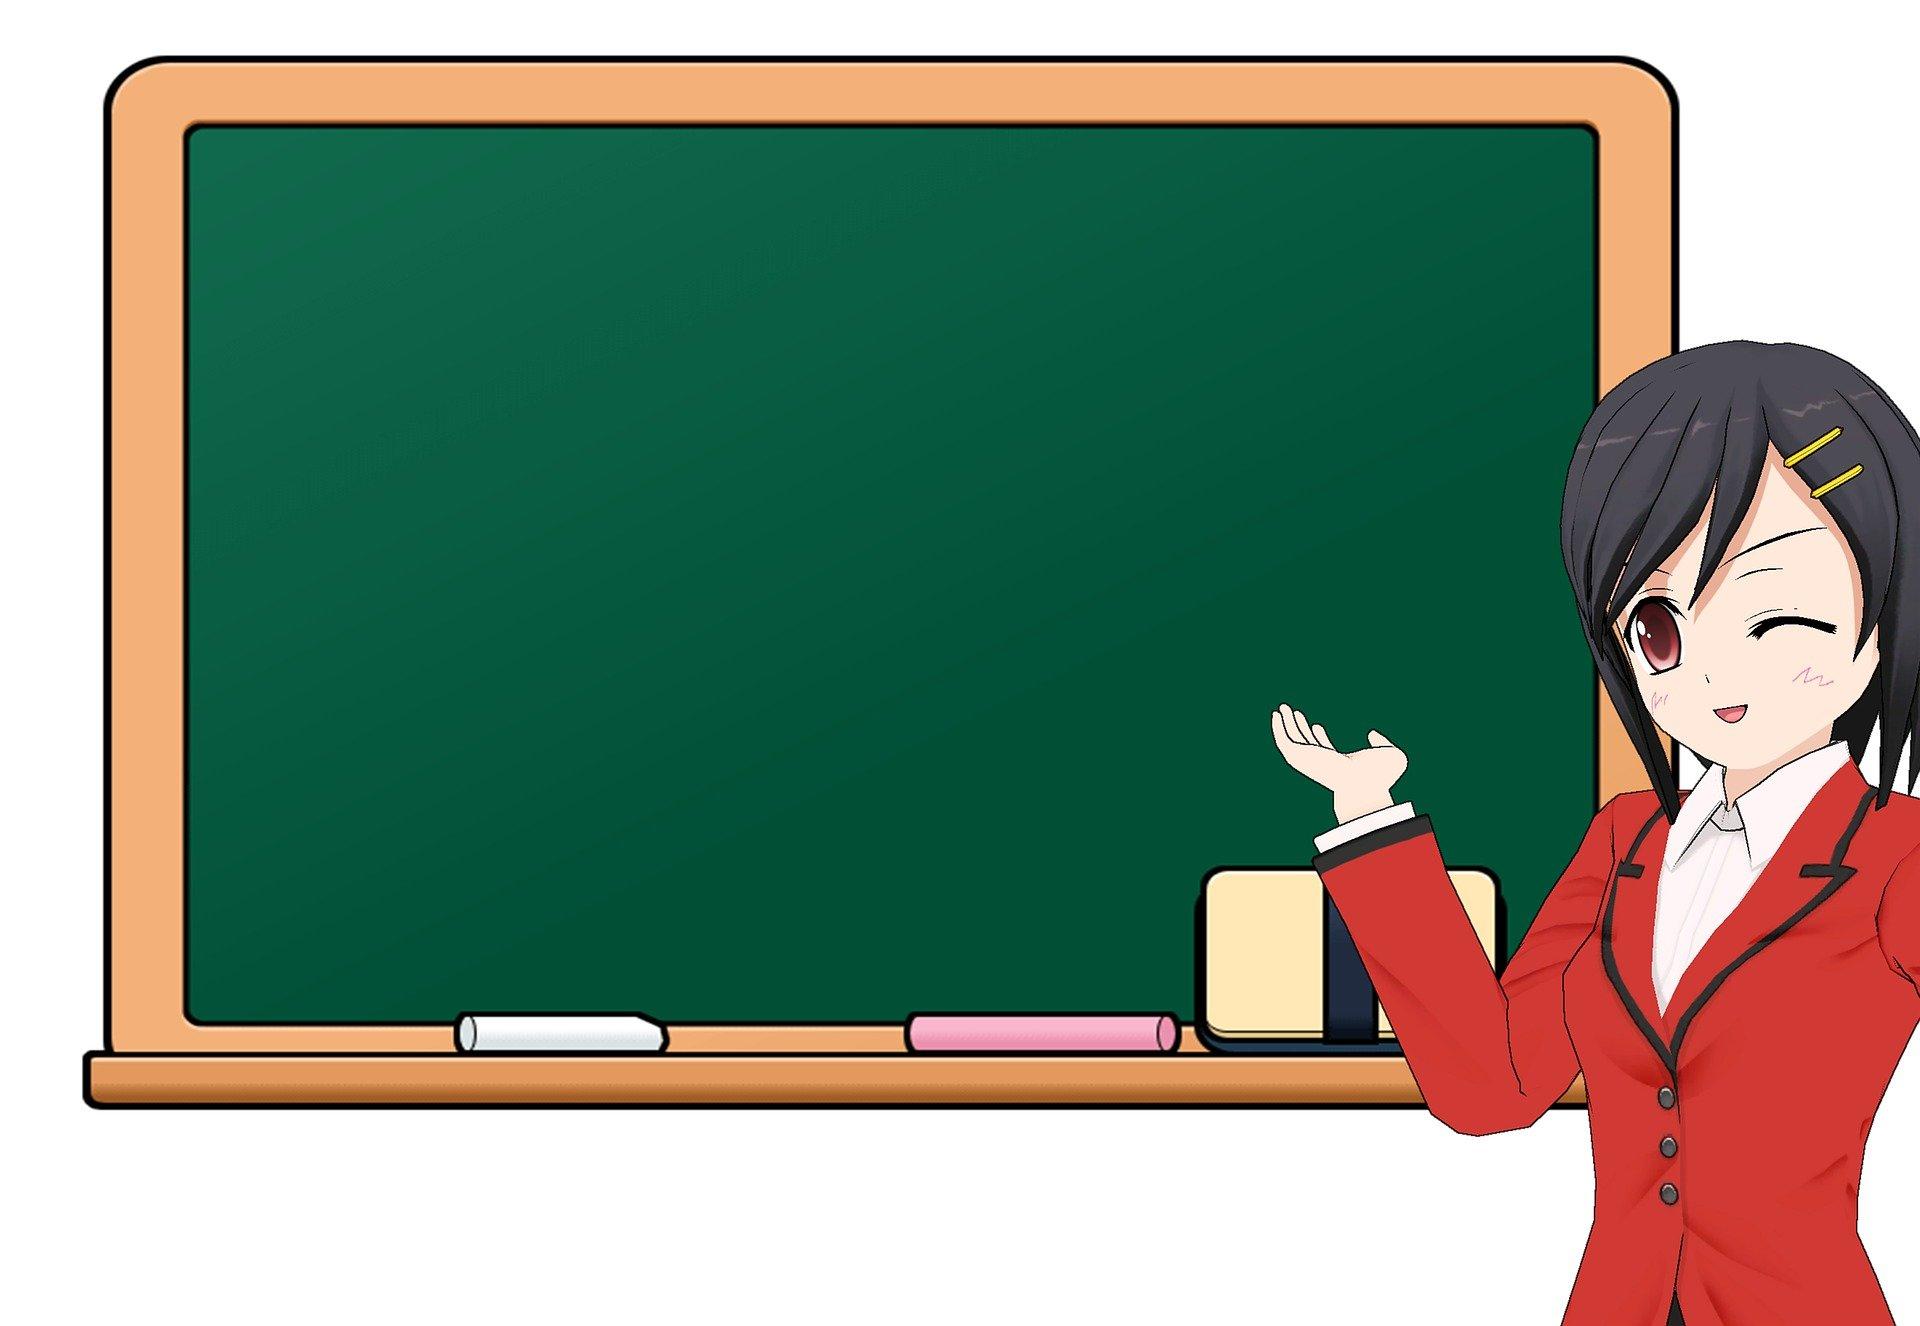 15a9ff25cb Le migliori idee regalo per un insegnante - TopRegalo.it